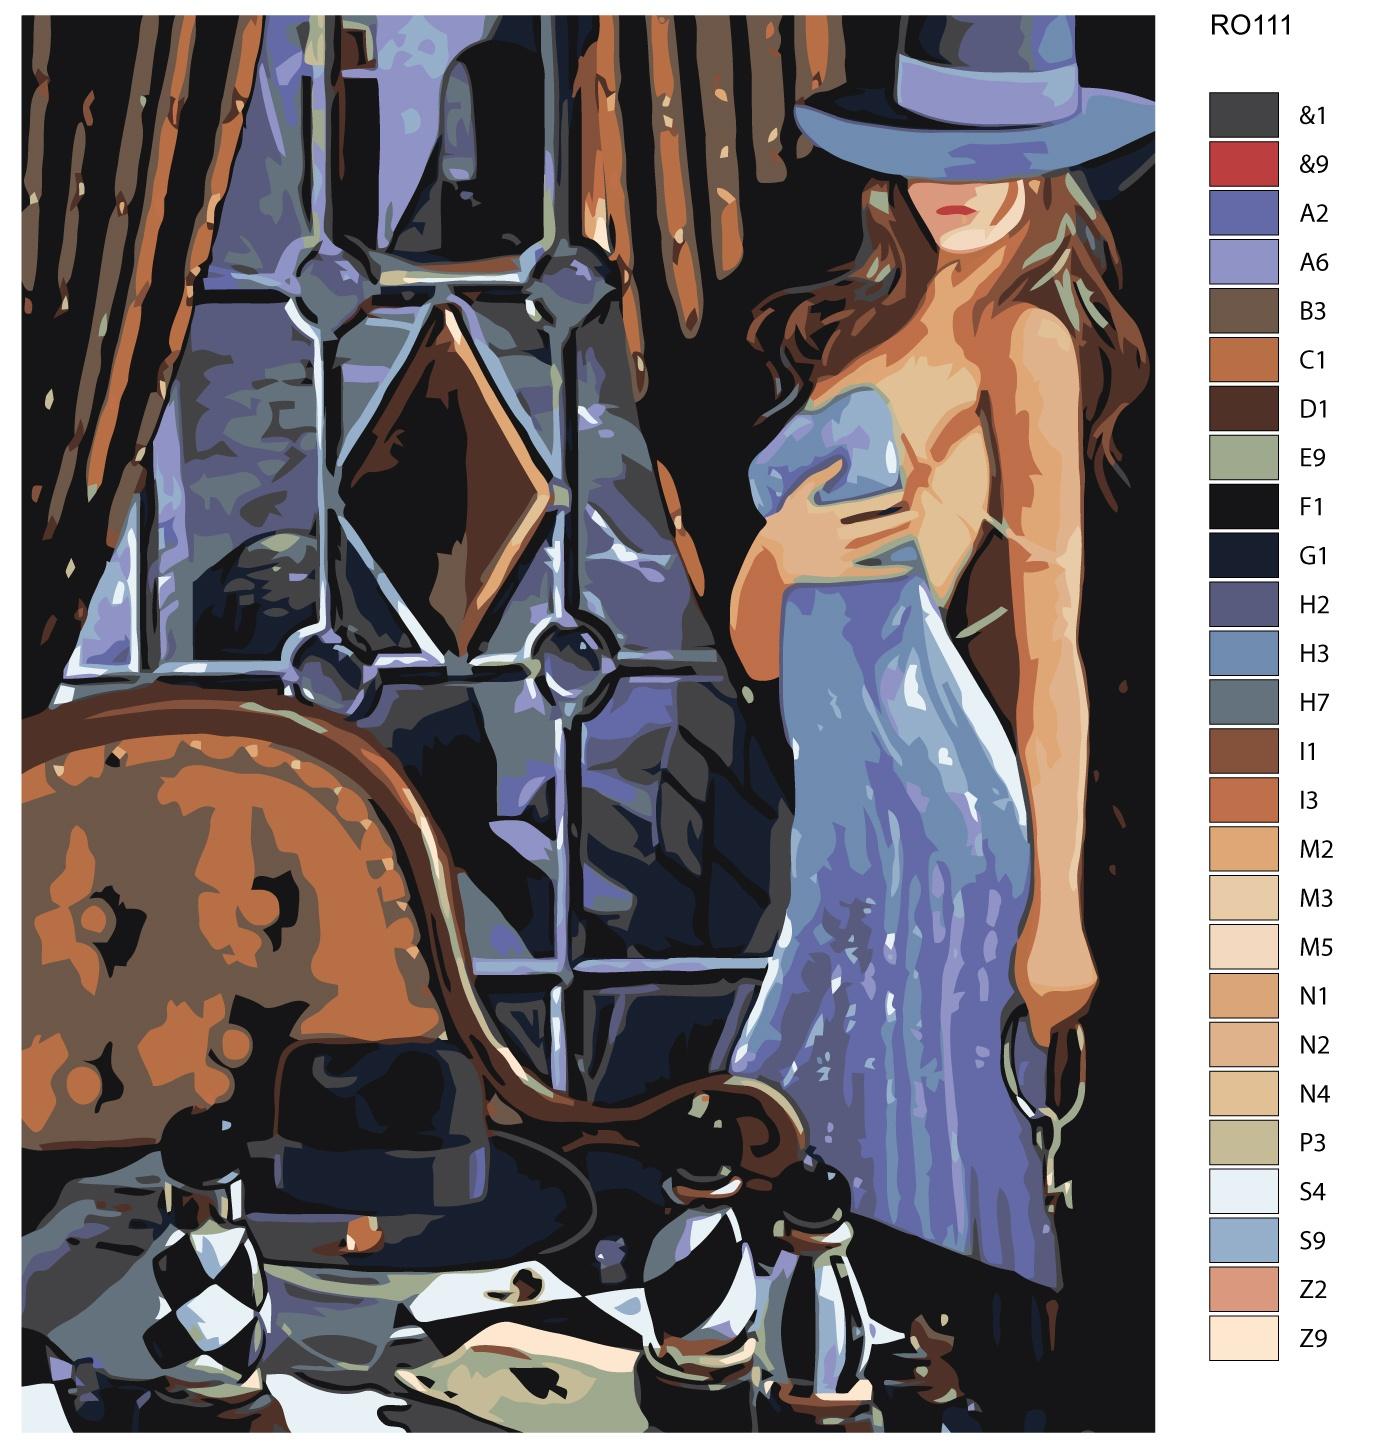 Картина по номерам, 80 x 100 см, RO111